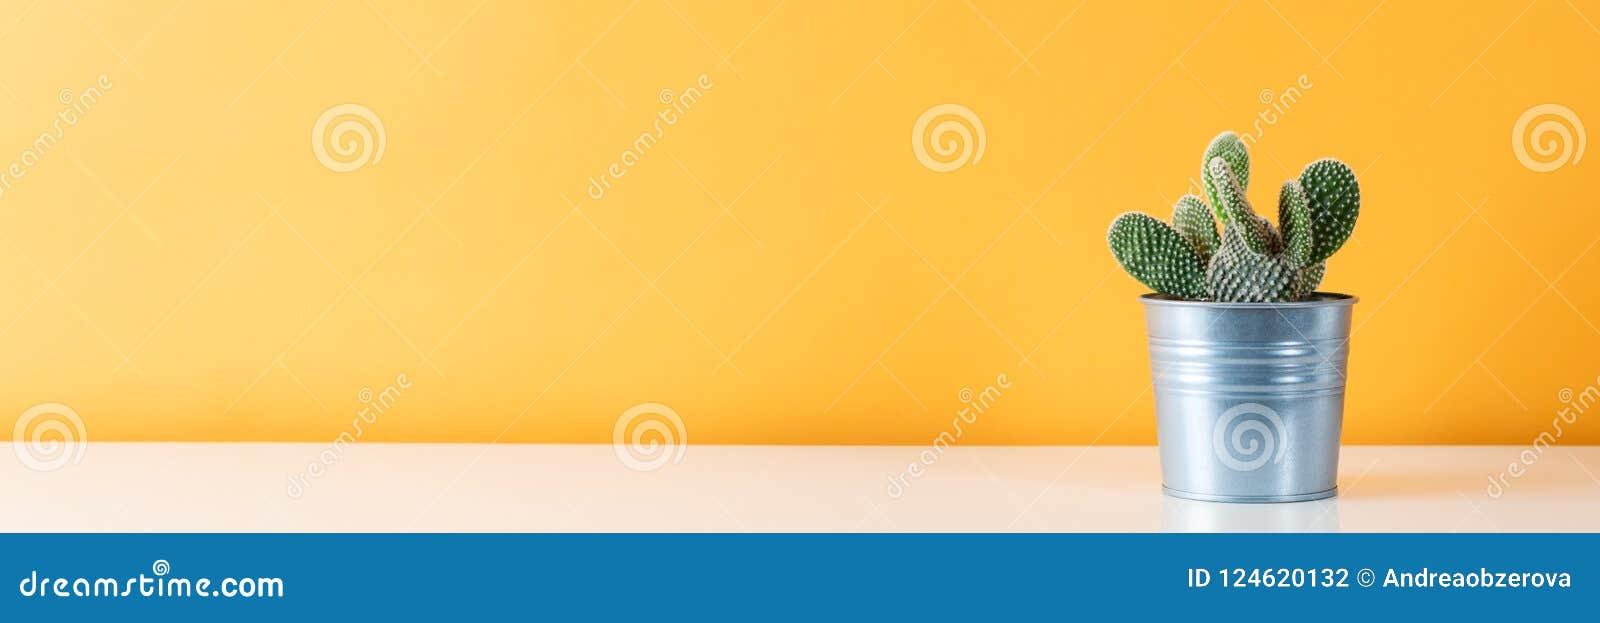 Завод кактуса в баке металла В горшке завод дома кактуса на белой полке против пастели покрасил стену Знамя кактуса